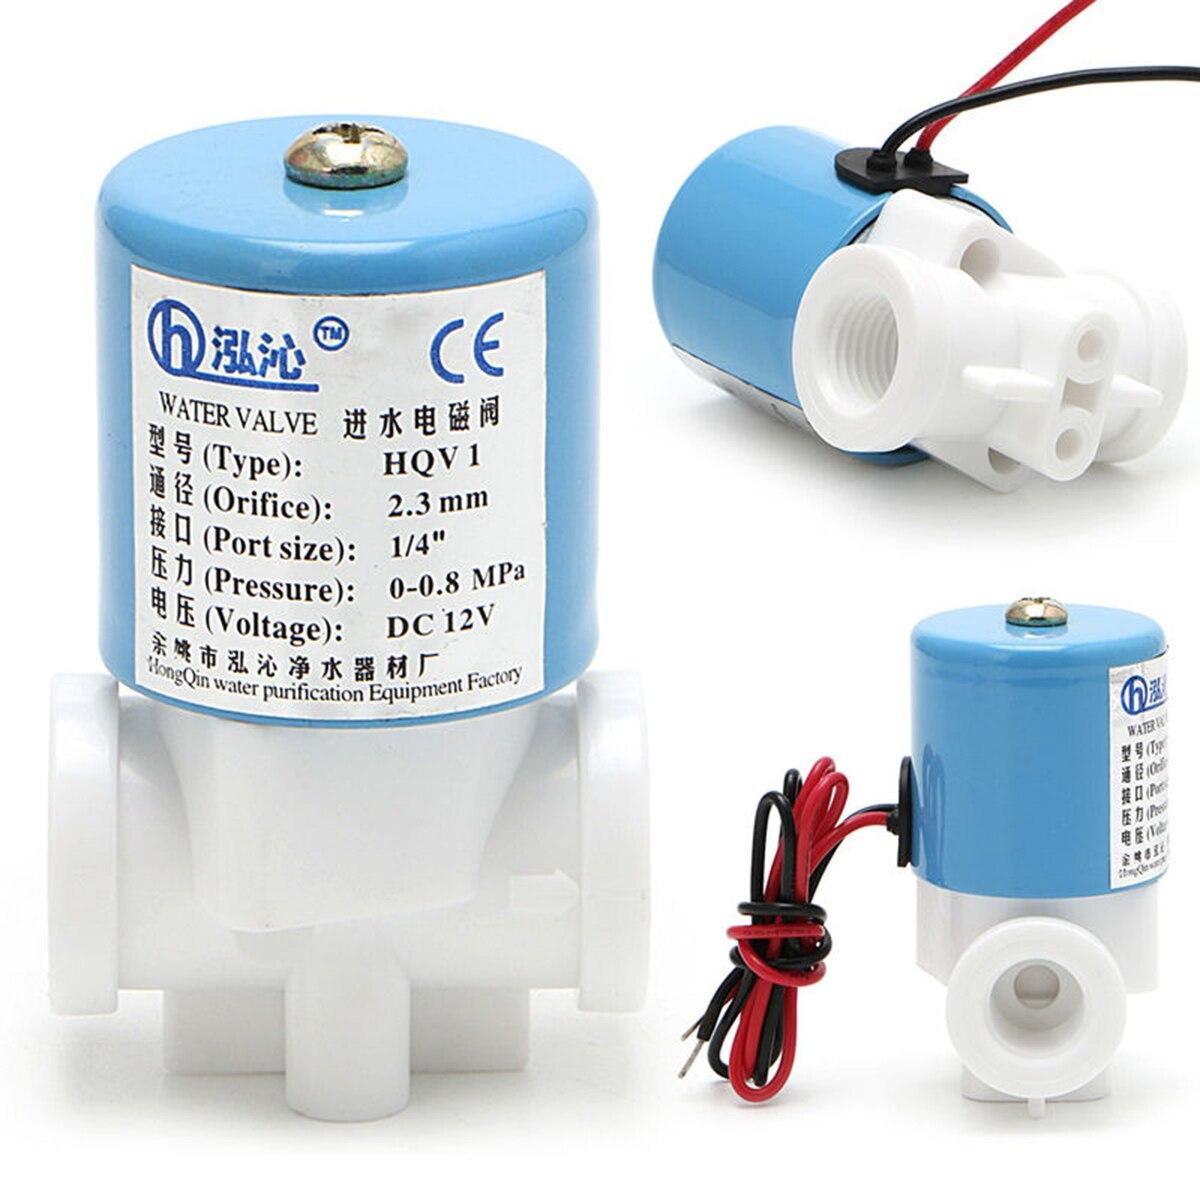 Heimwerker 100% QualitäT Stabile G1/4 hqv1 Wasser Magnetventile Normalerweise Geschlossen 2 Way Dc 0-120psi 0-0.8mpa Mayitr Magnetventil 12 V 40*30*60mm Ventil